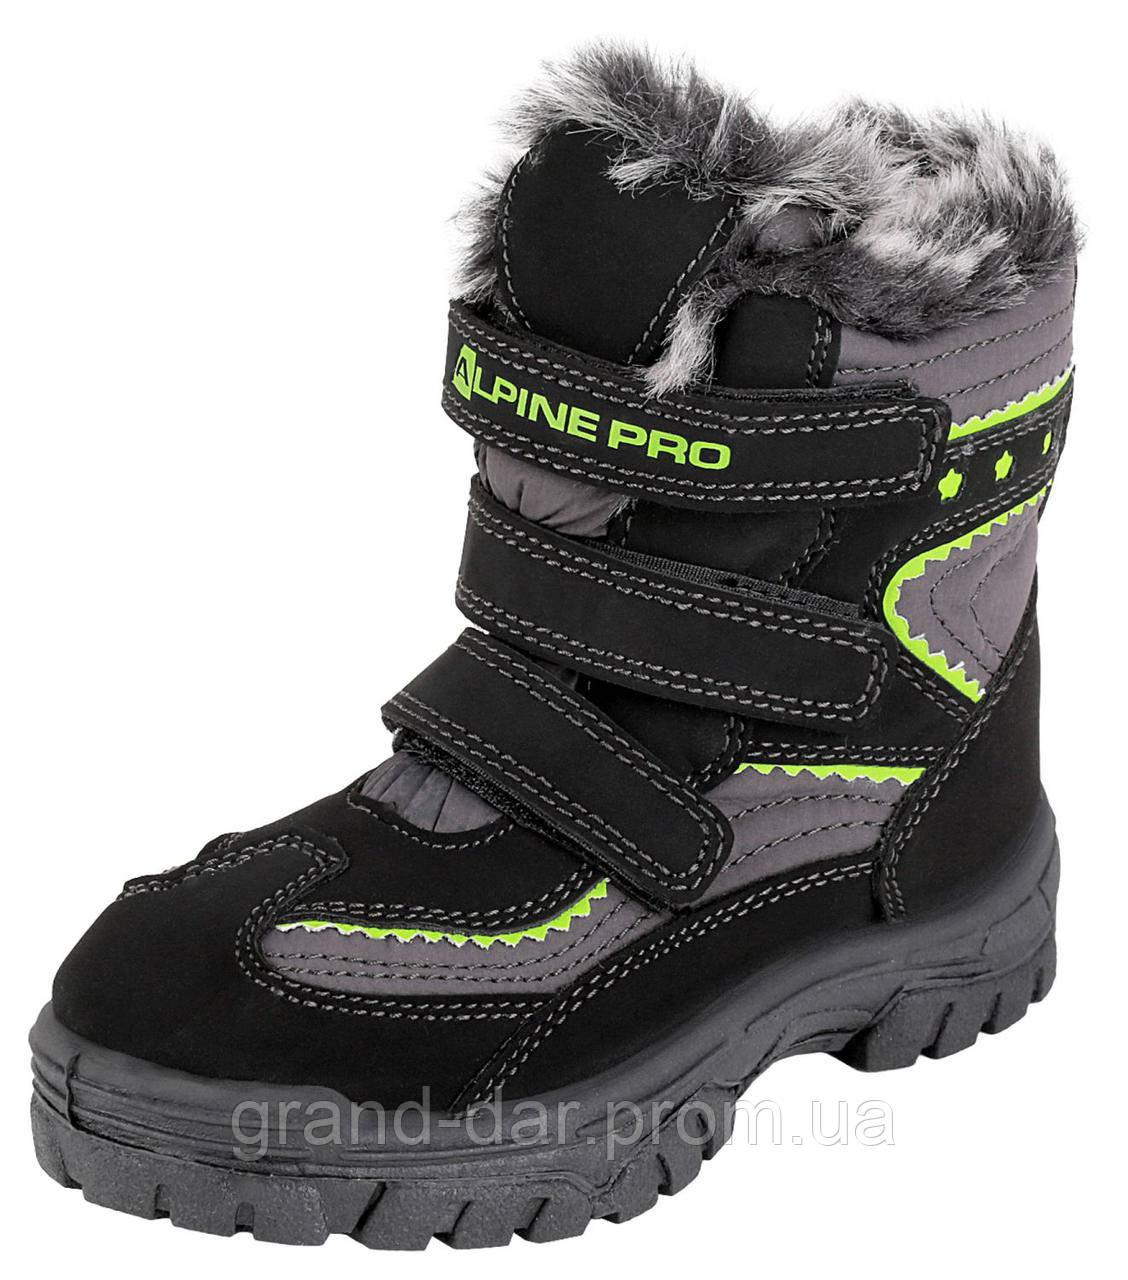 Зимние детские ботинки Alpine Pro TIMBER - Интернет-магазин